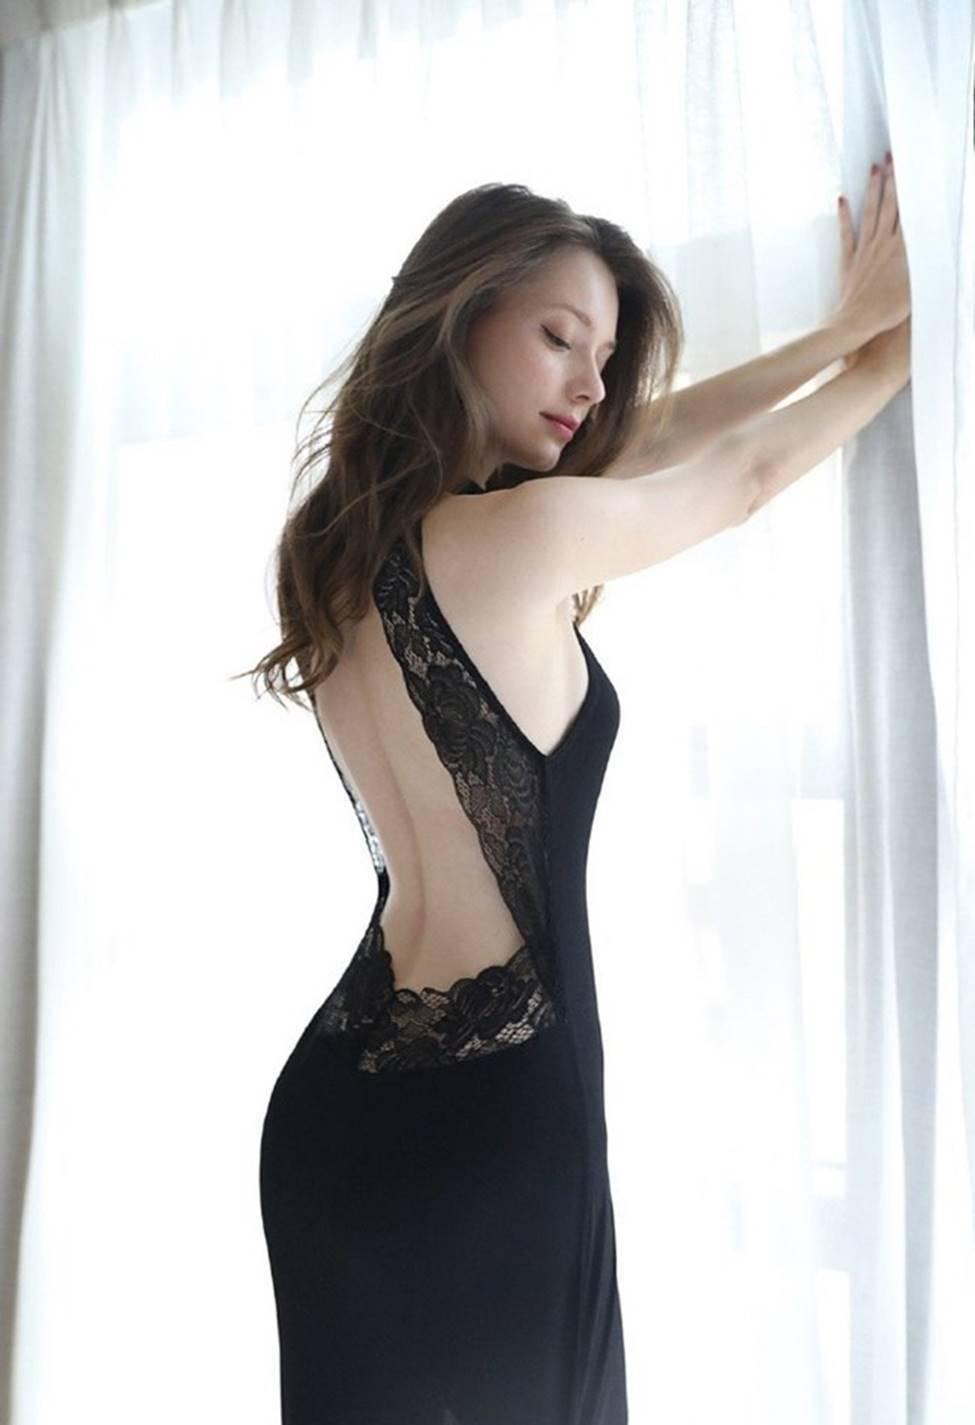 Vẻ đẹp của tiên nữ Đông Âu đang khiến thanh niên châu Á phát cuồng-9